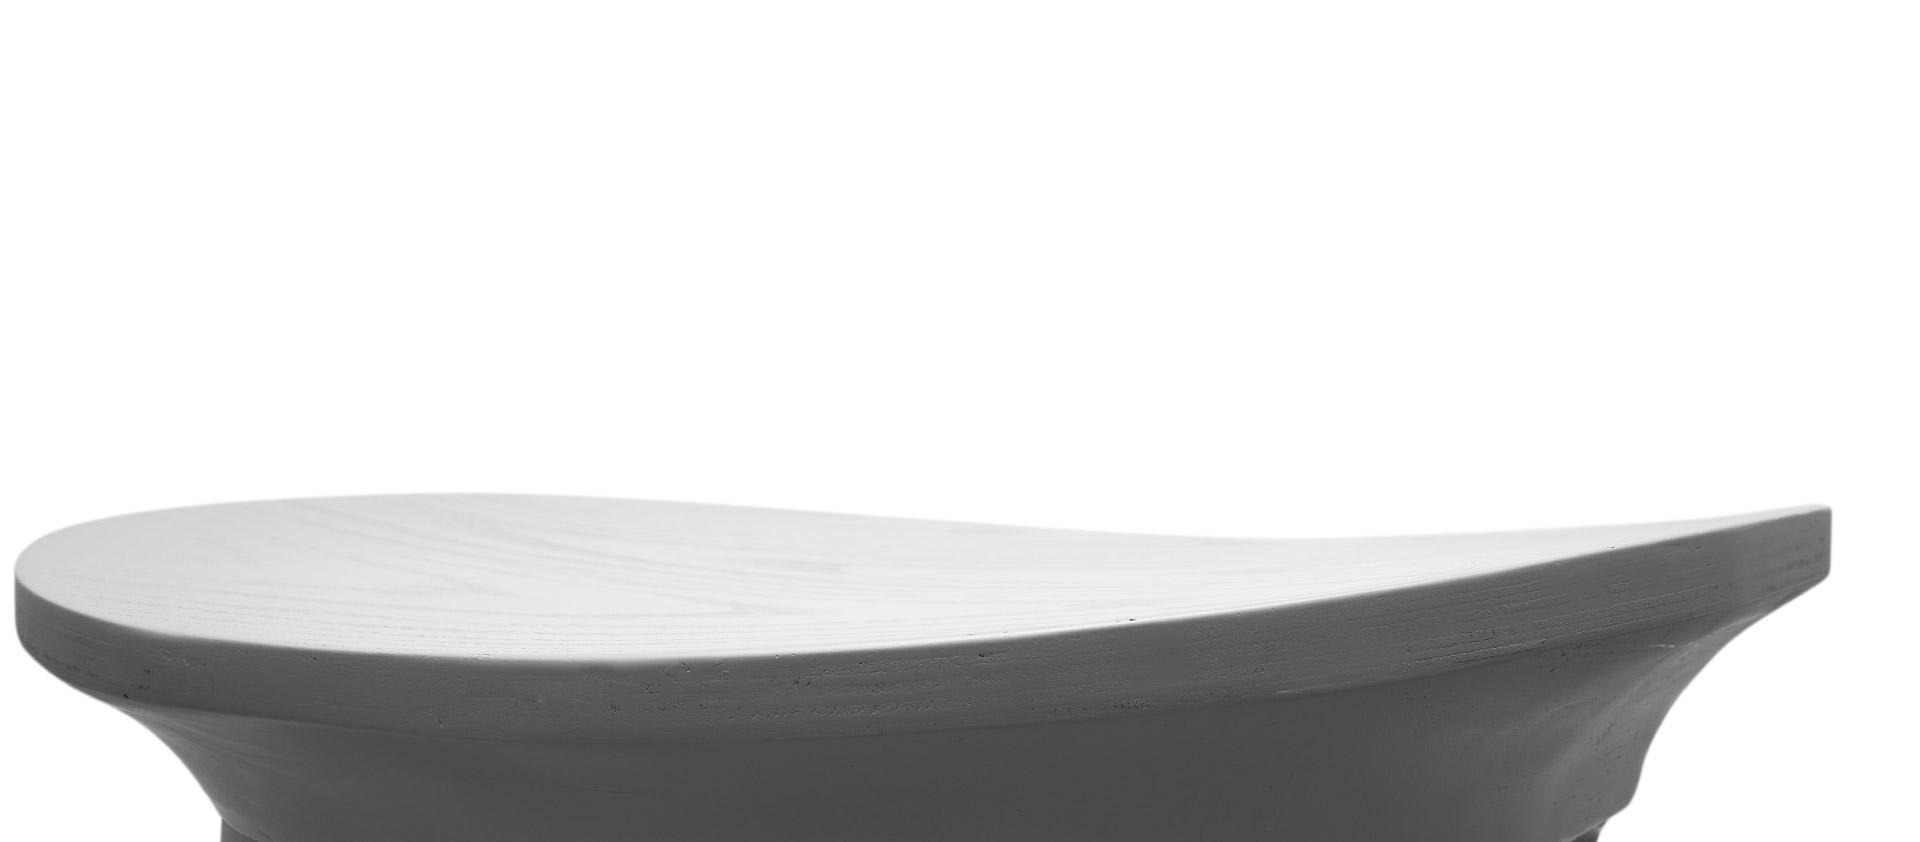 8处以上曲线处理,让木作造型趣味盎然。屋角飞檐式边际线,抽象东方式的惊鸿一瞥,多维流畅曲线椅座,形成飞扬律动的设计感。